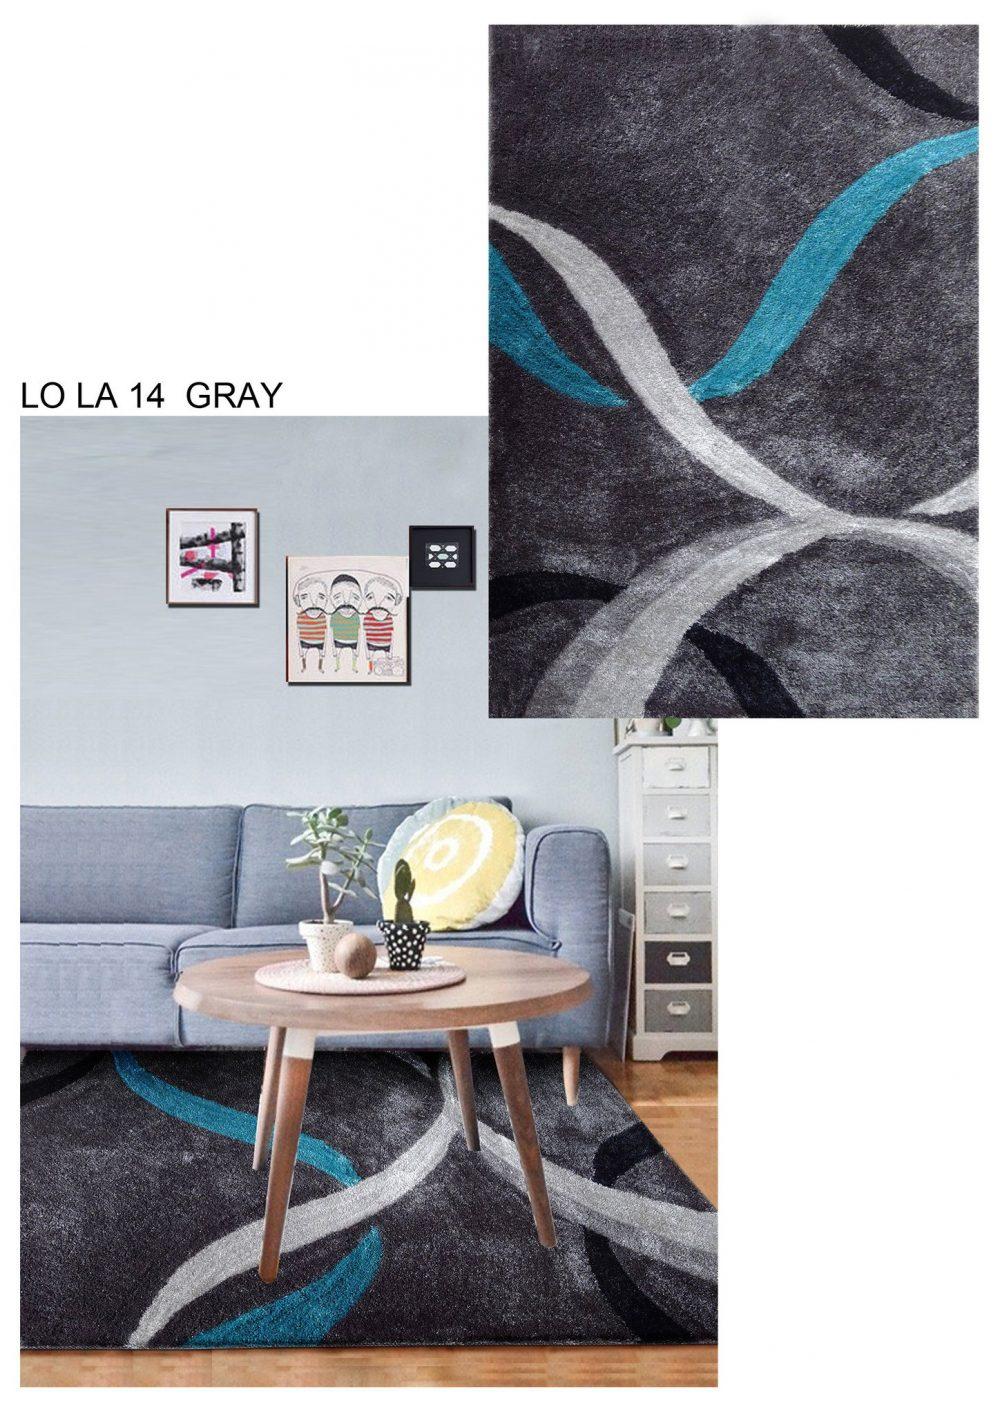 lola 14 grey teal area rug